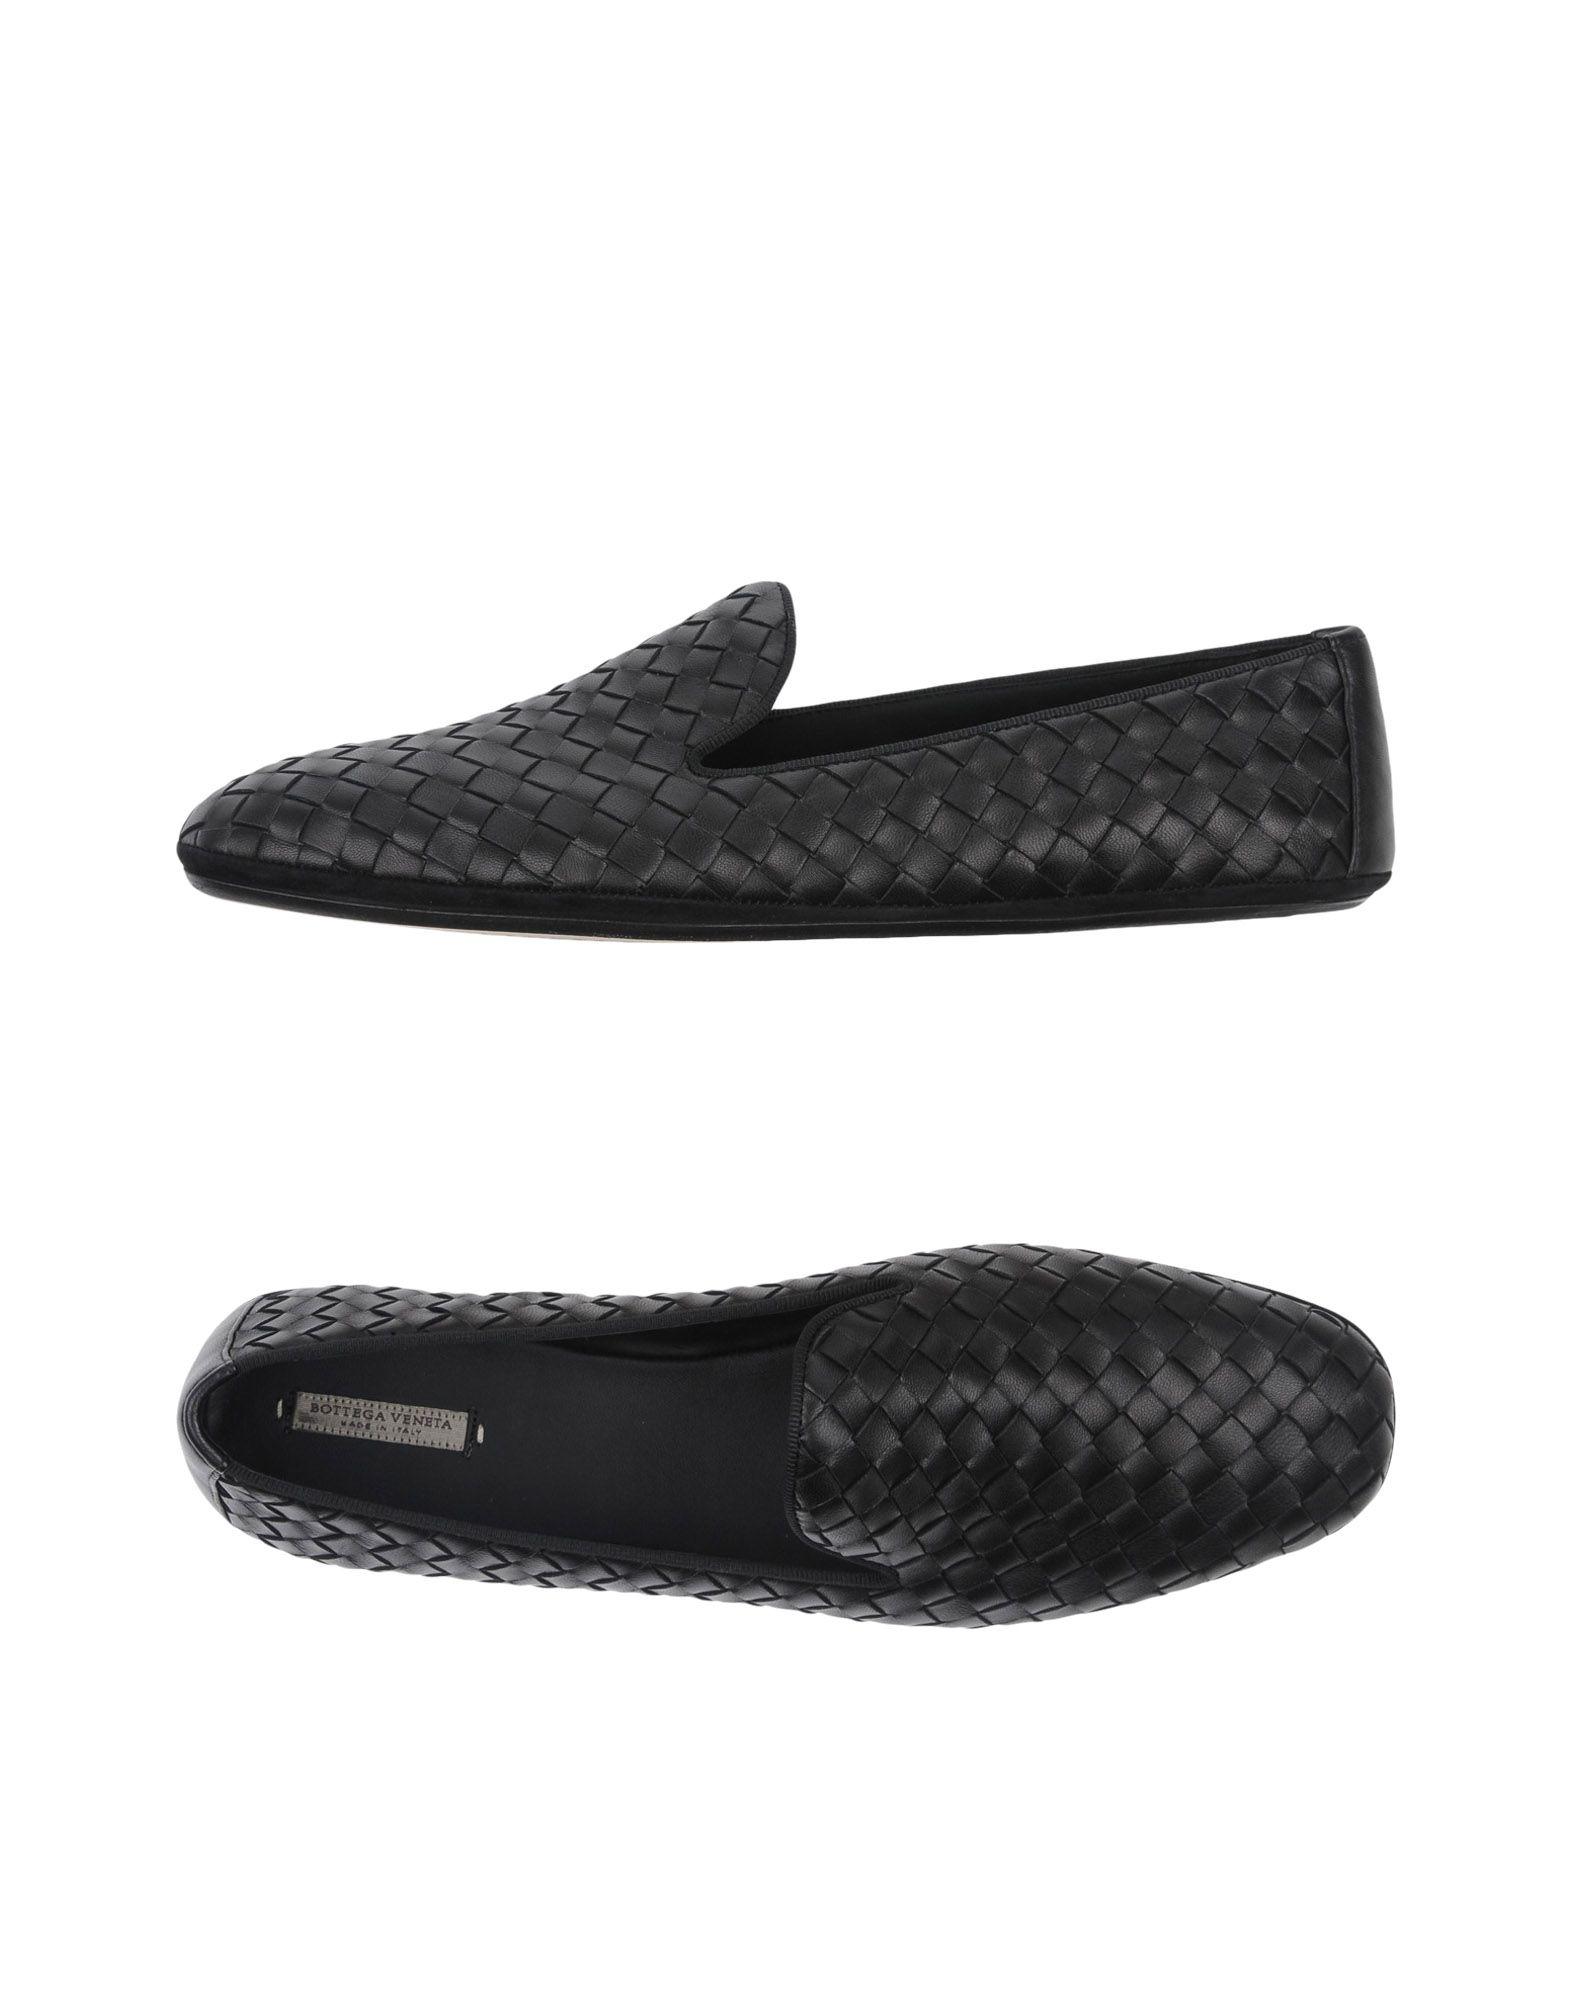 Bottega Veneta Mokassins Damen  11289854FAGünstige gut aussehende Schuhe